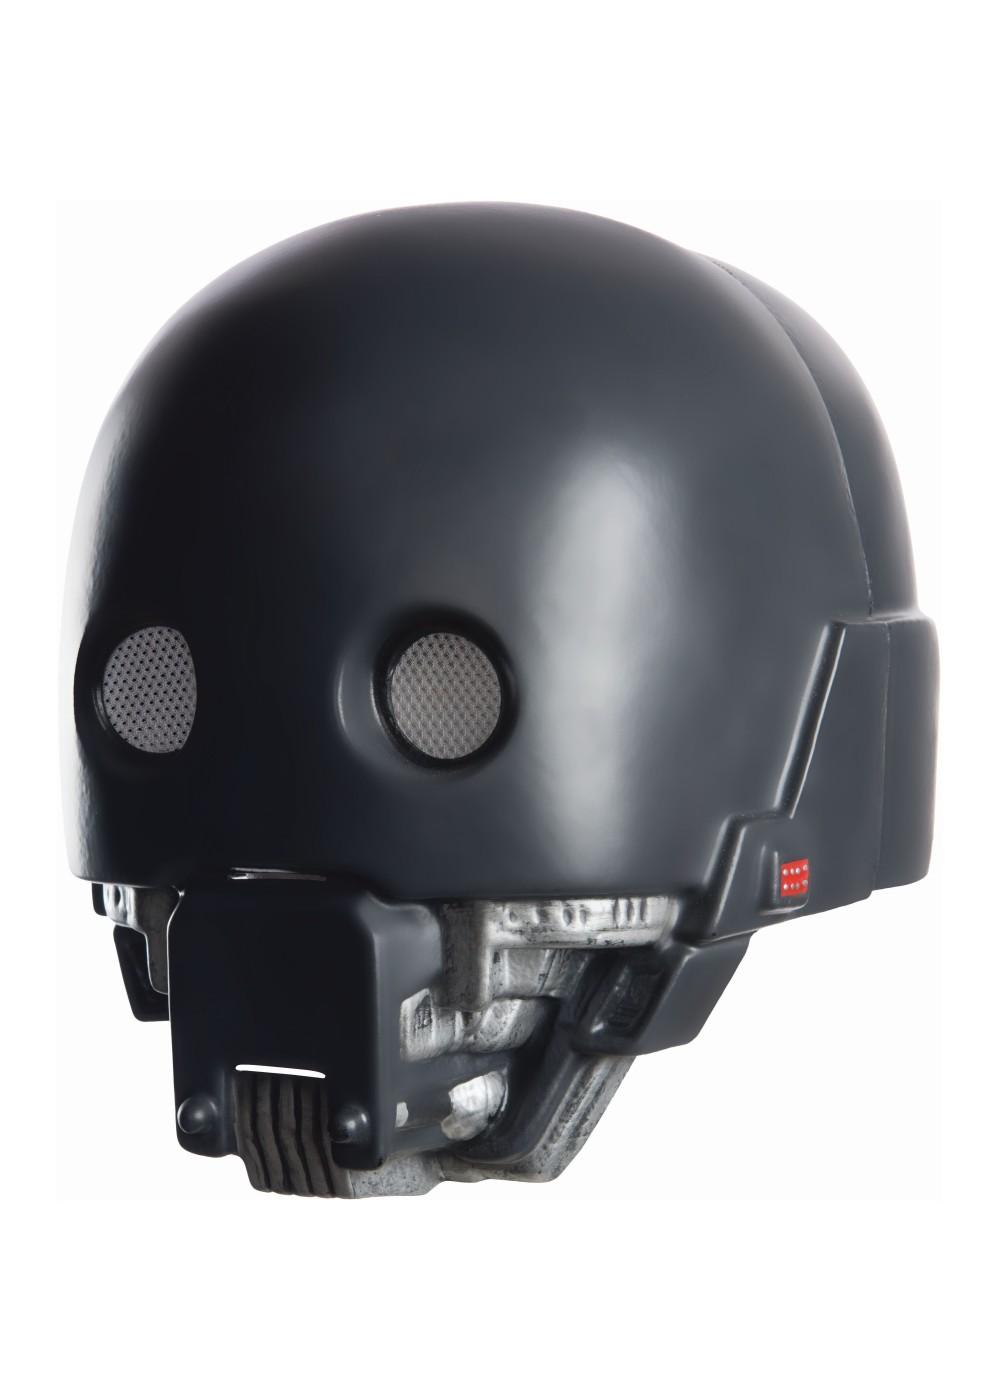 K 2so Mask Masks